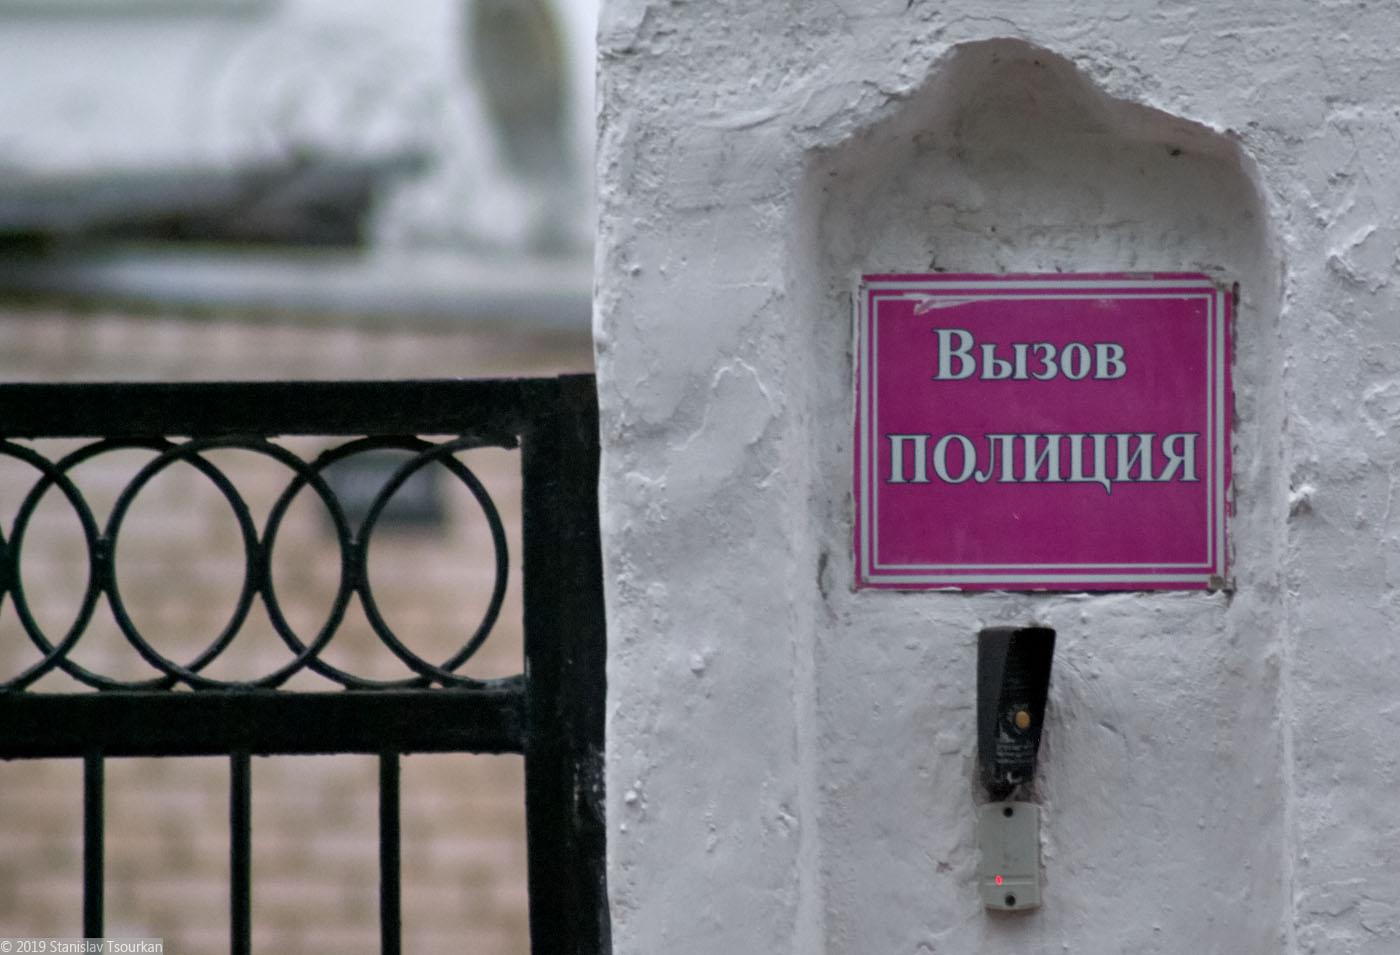 Вологодская область, Вологодчина, Великий устюг, Русский север, полиция